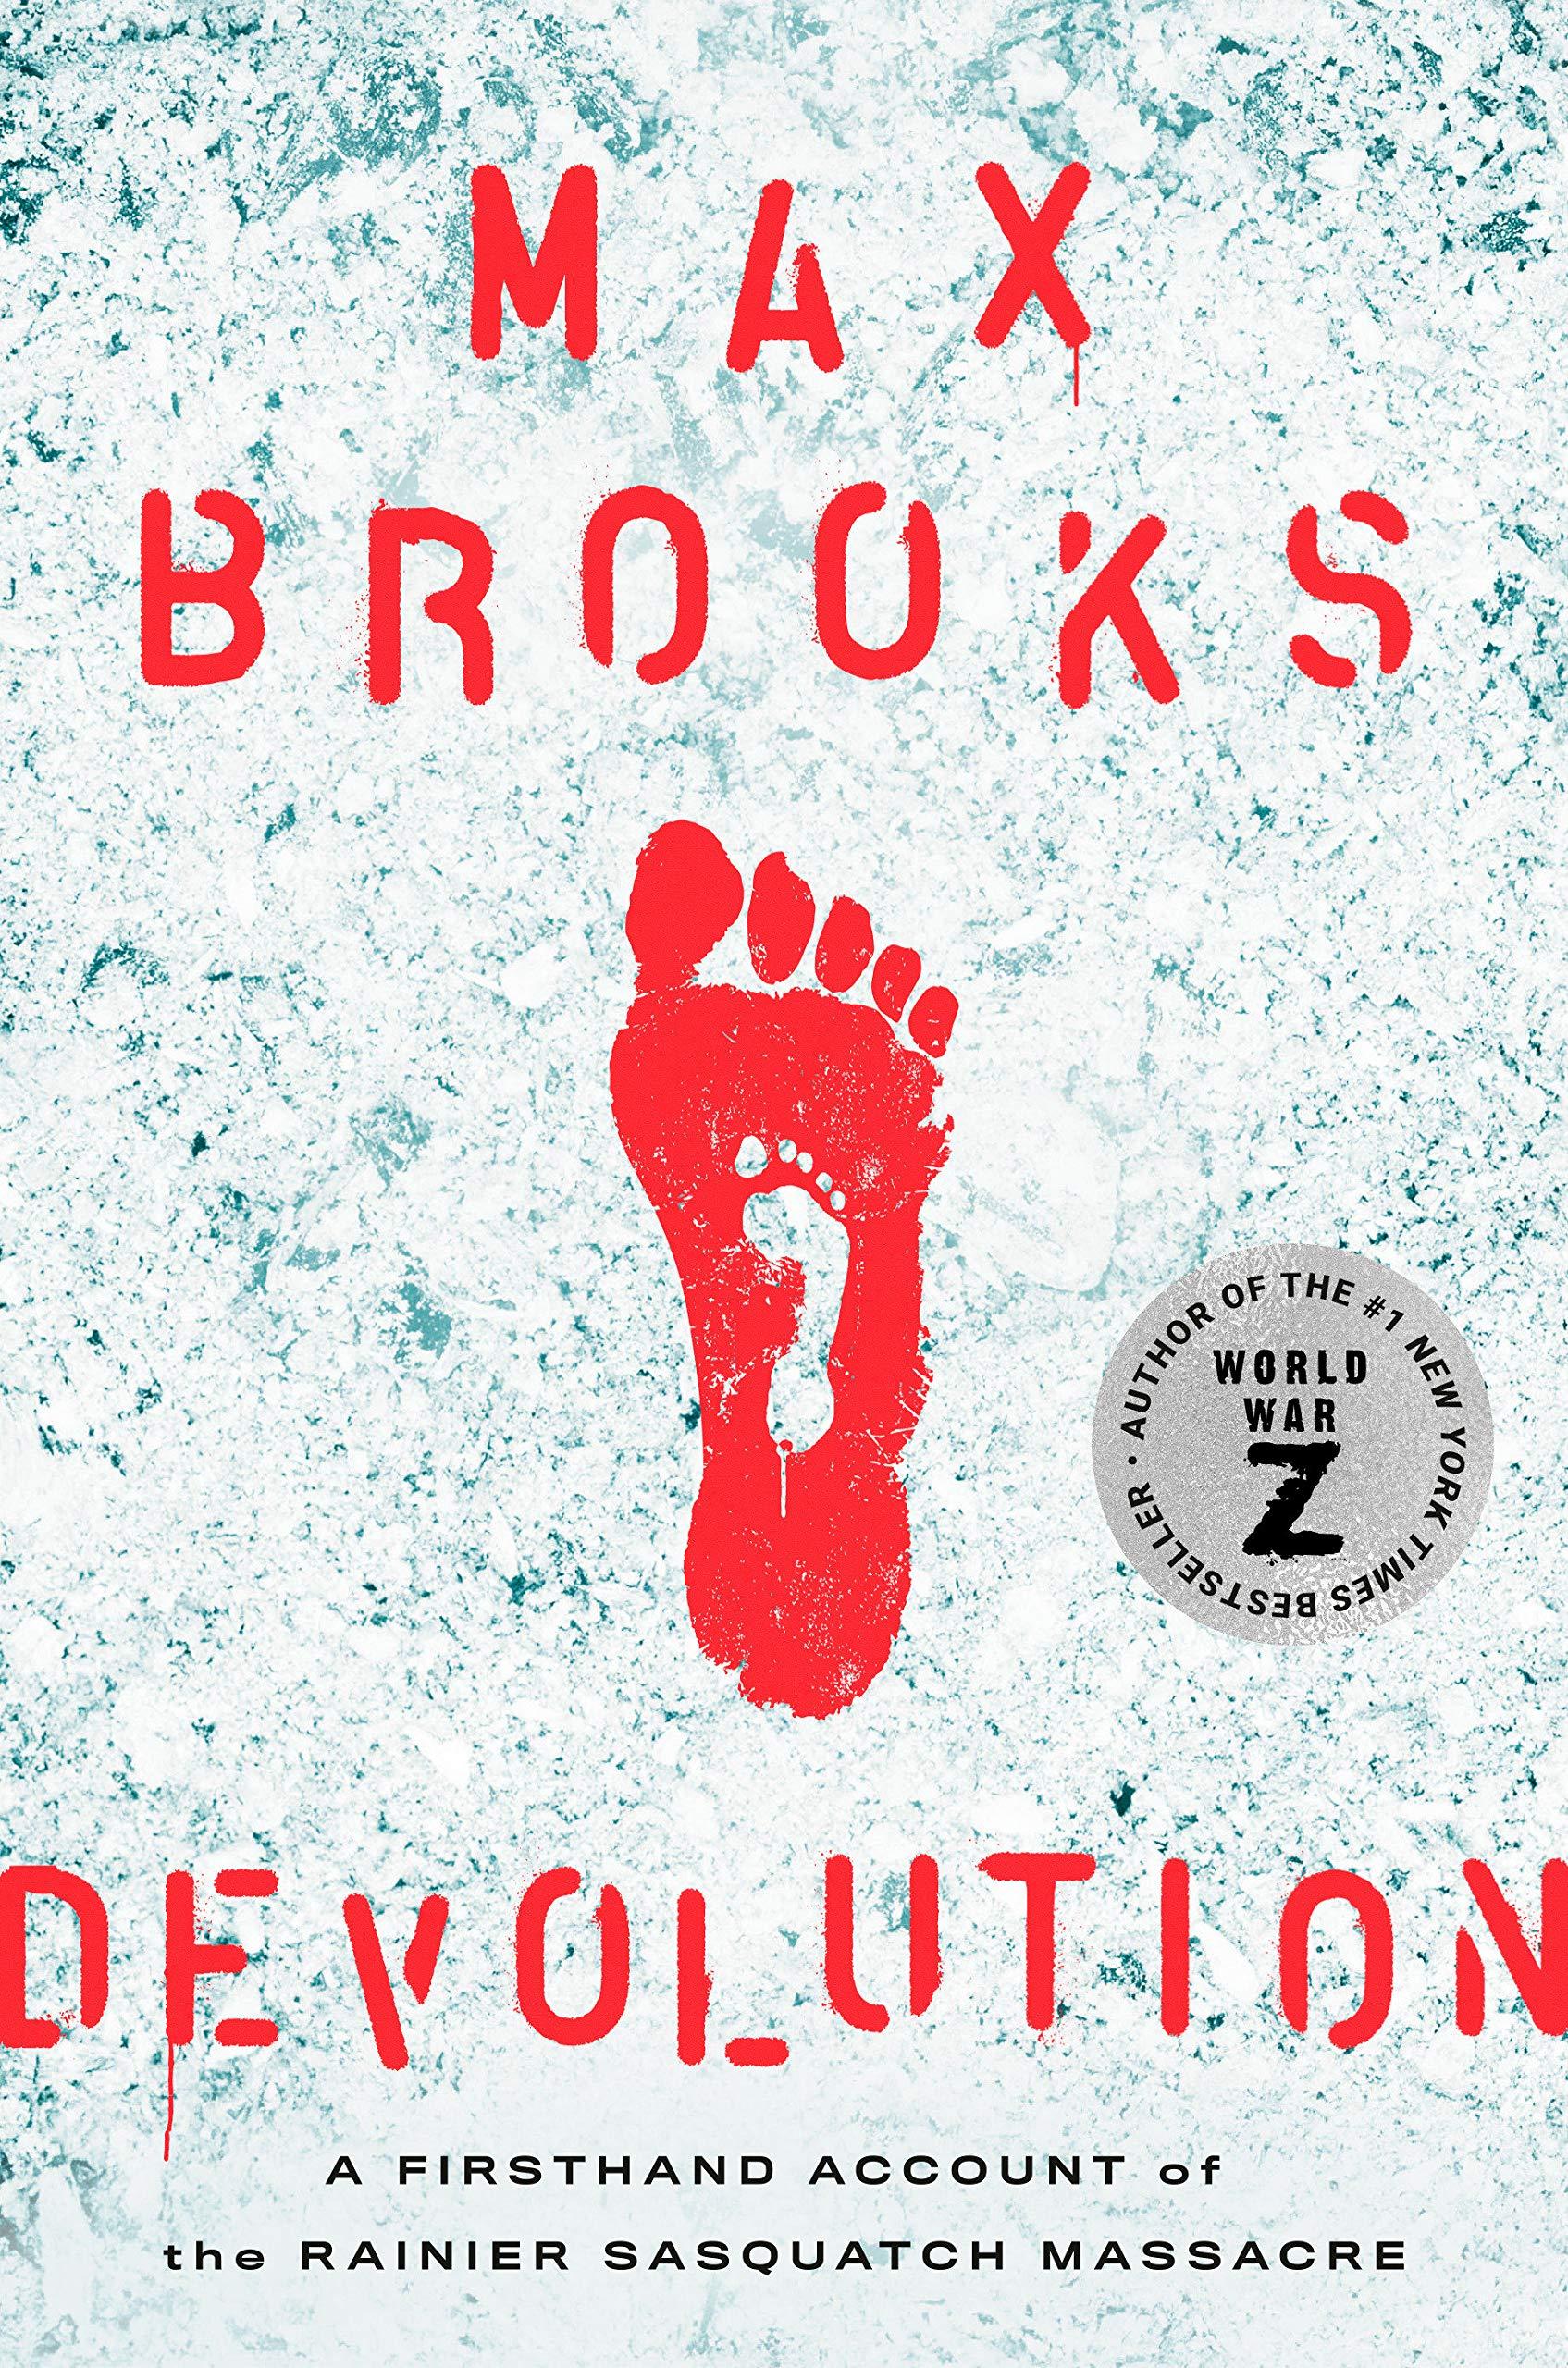 Devolution: A Firsthand Account of the Rainier Sasquatch Massacre book cover